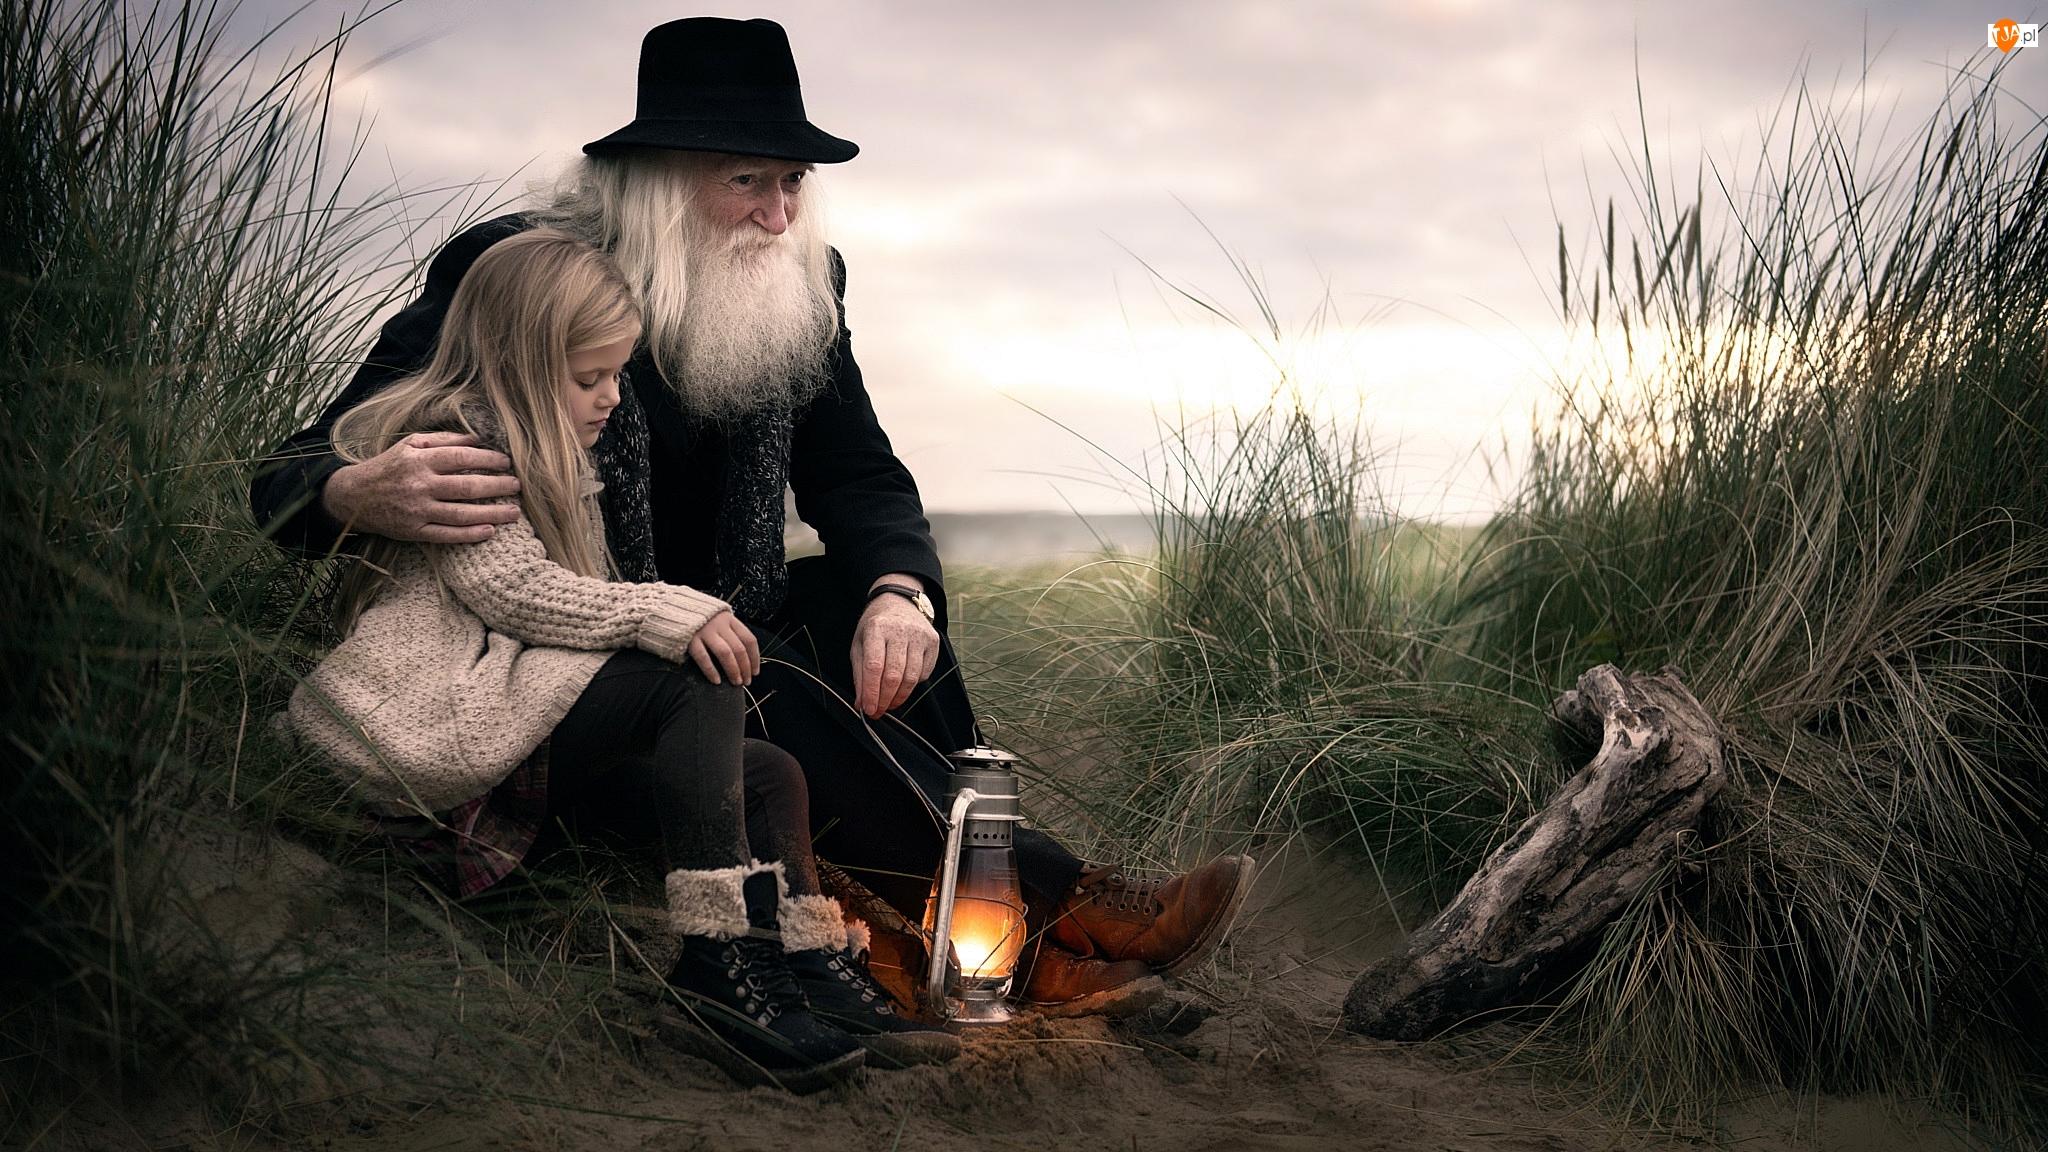 Dziadek, Trawy, Dziewczynka, Lampa